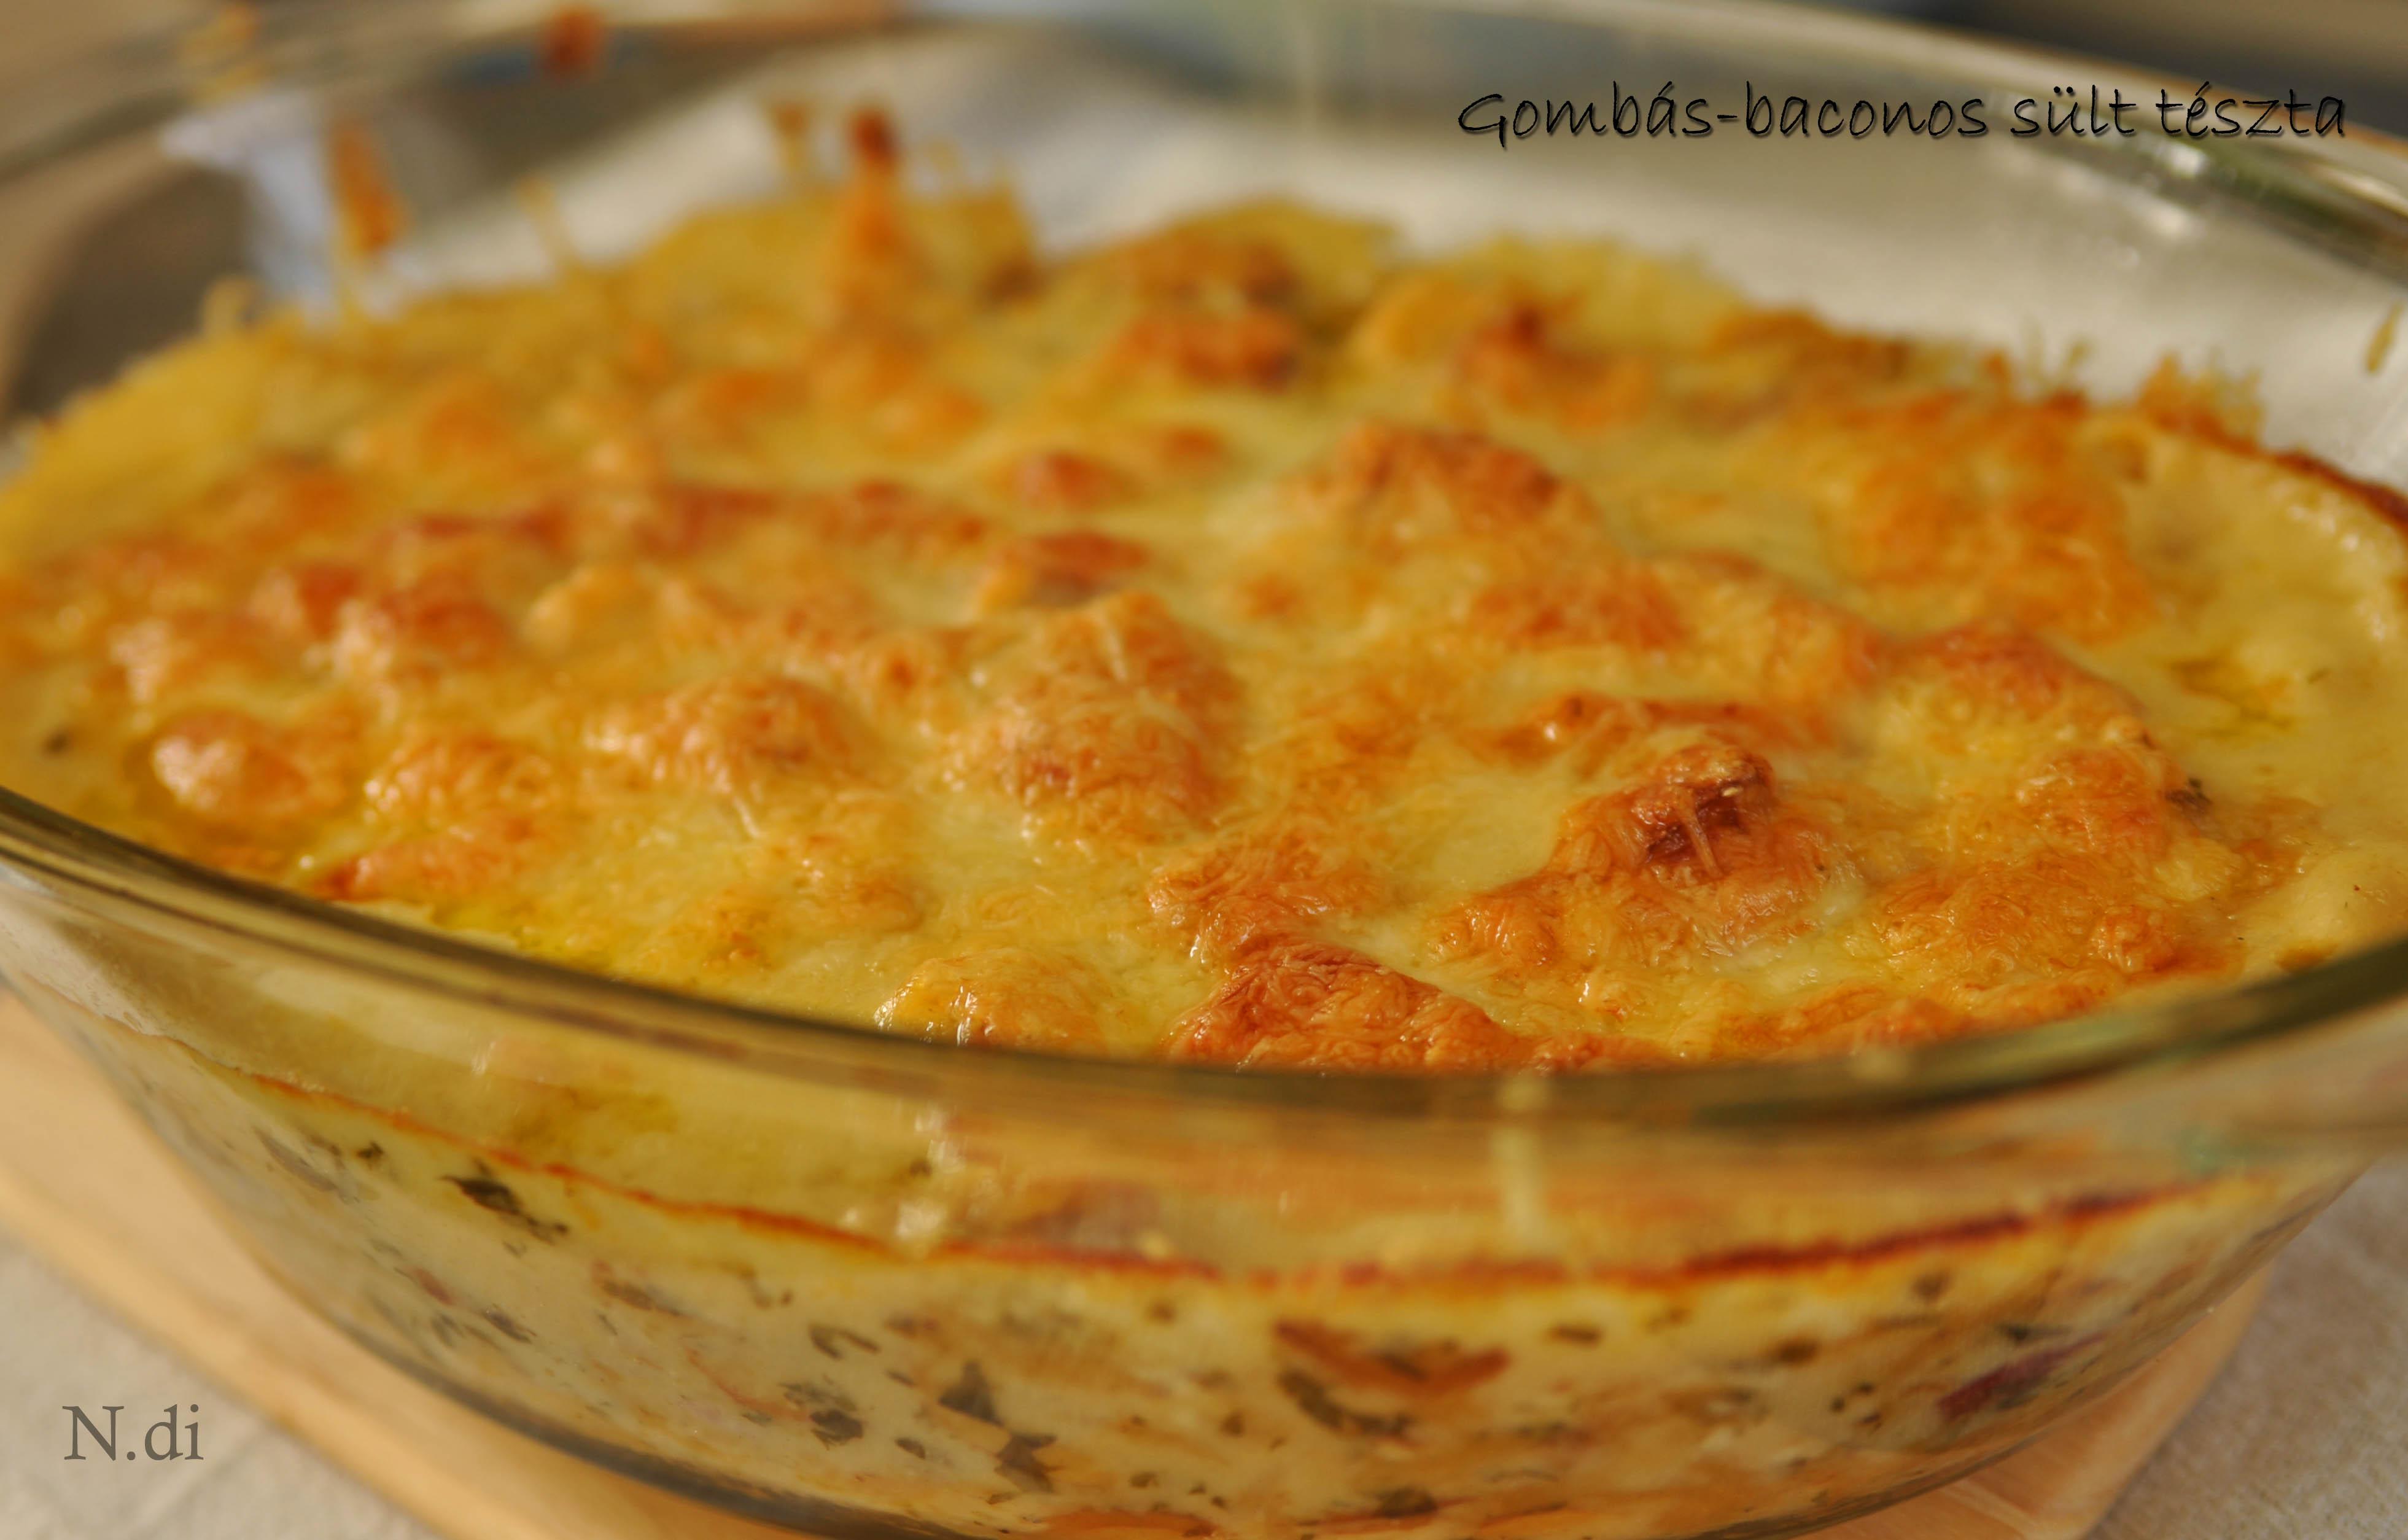 Gombás-baconos sült tészta